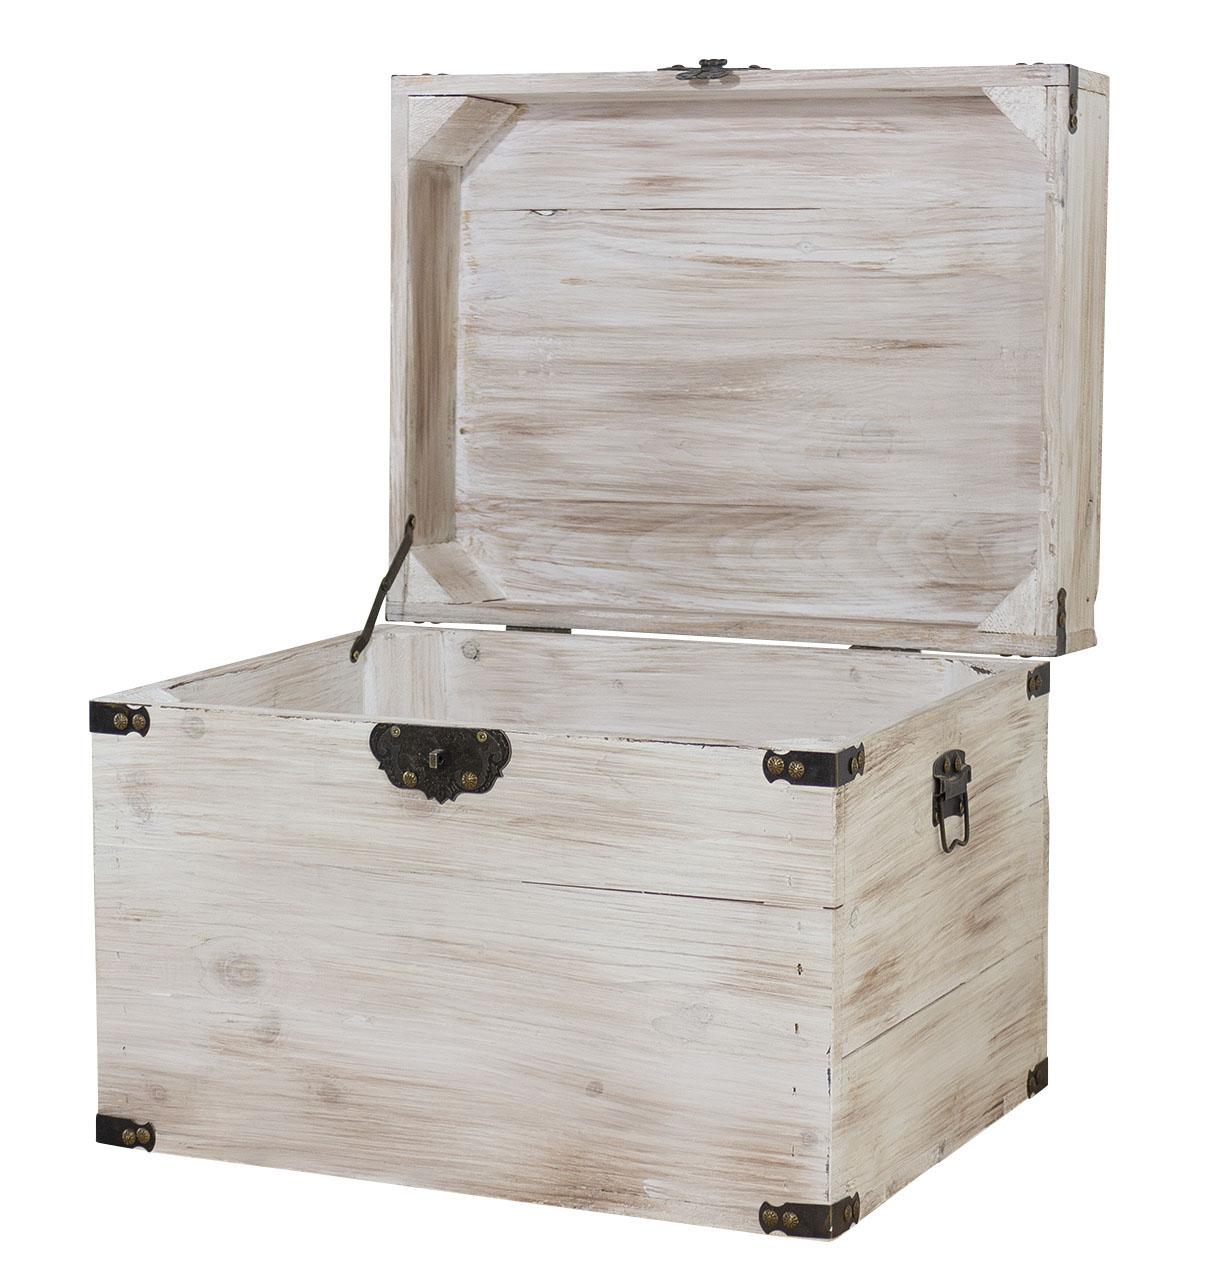 Originelle Holzkiste mit Deckel / optisch sehr dekorativ / Einrichtung im Landhausstil / 45x35x35xcm